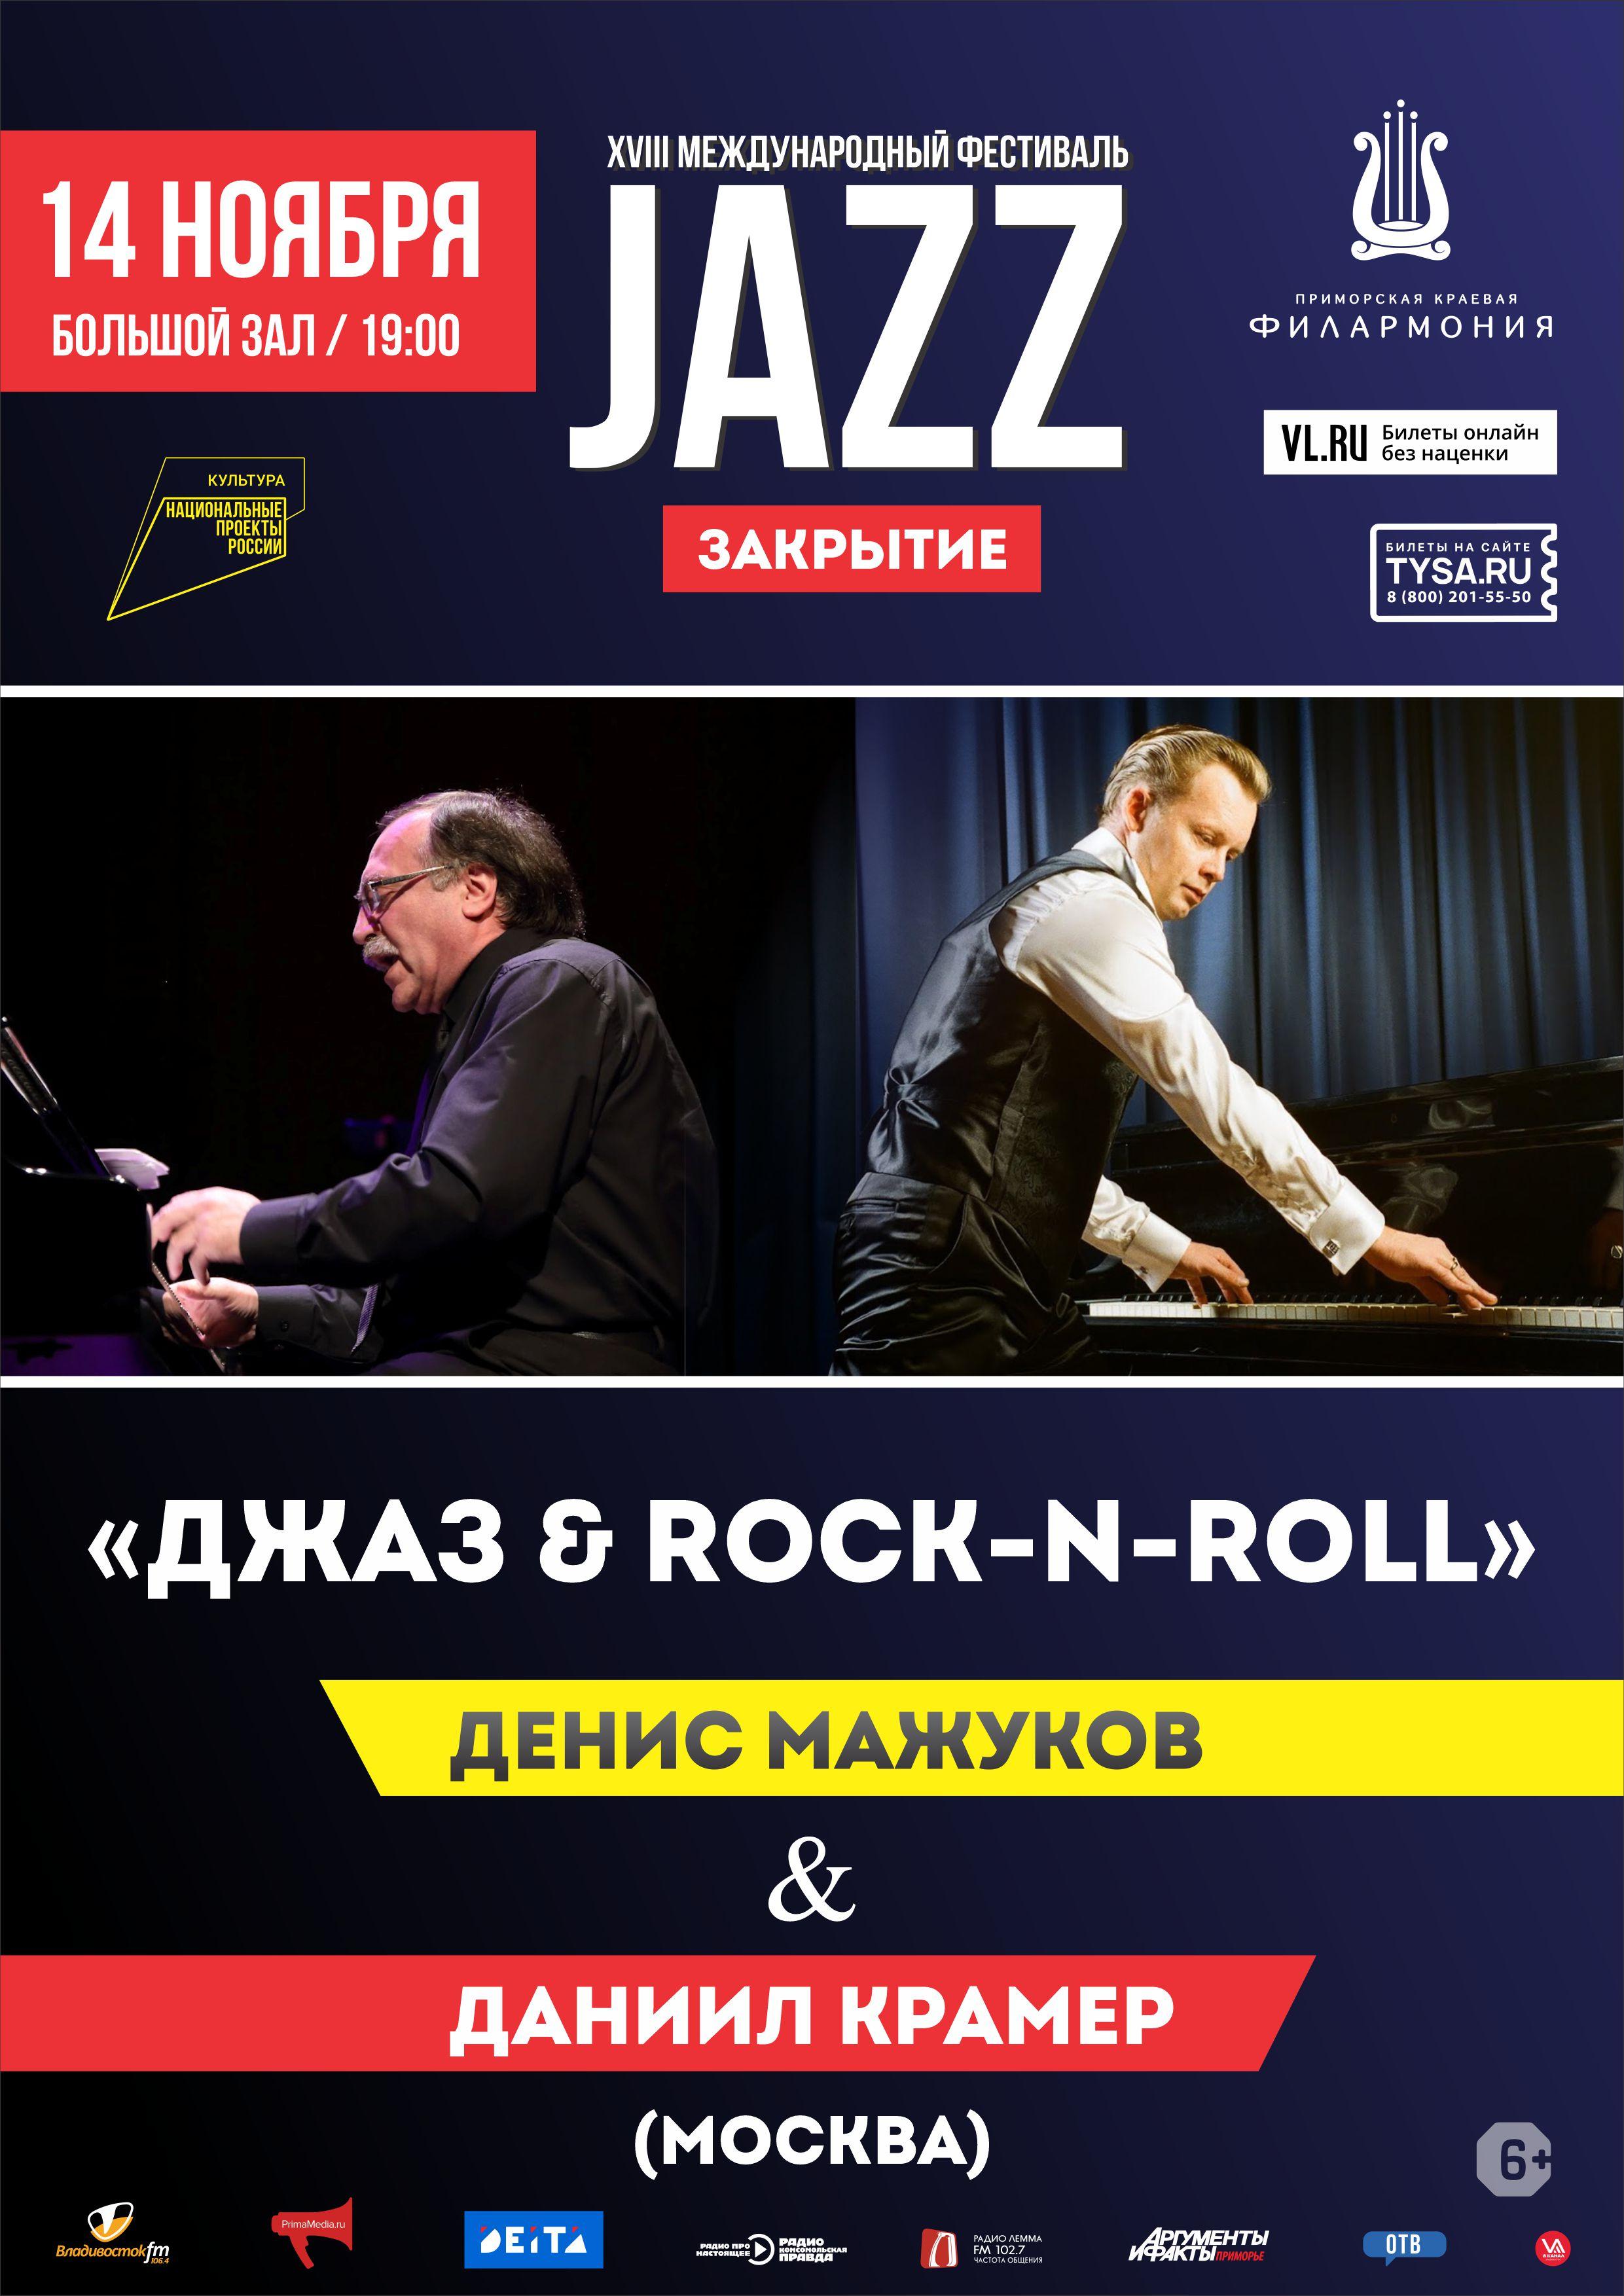 14 ноября XVIII  Международный Джазовый фестиваль во Владивостоке Закрытие